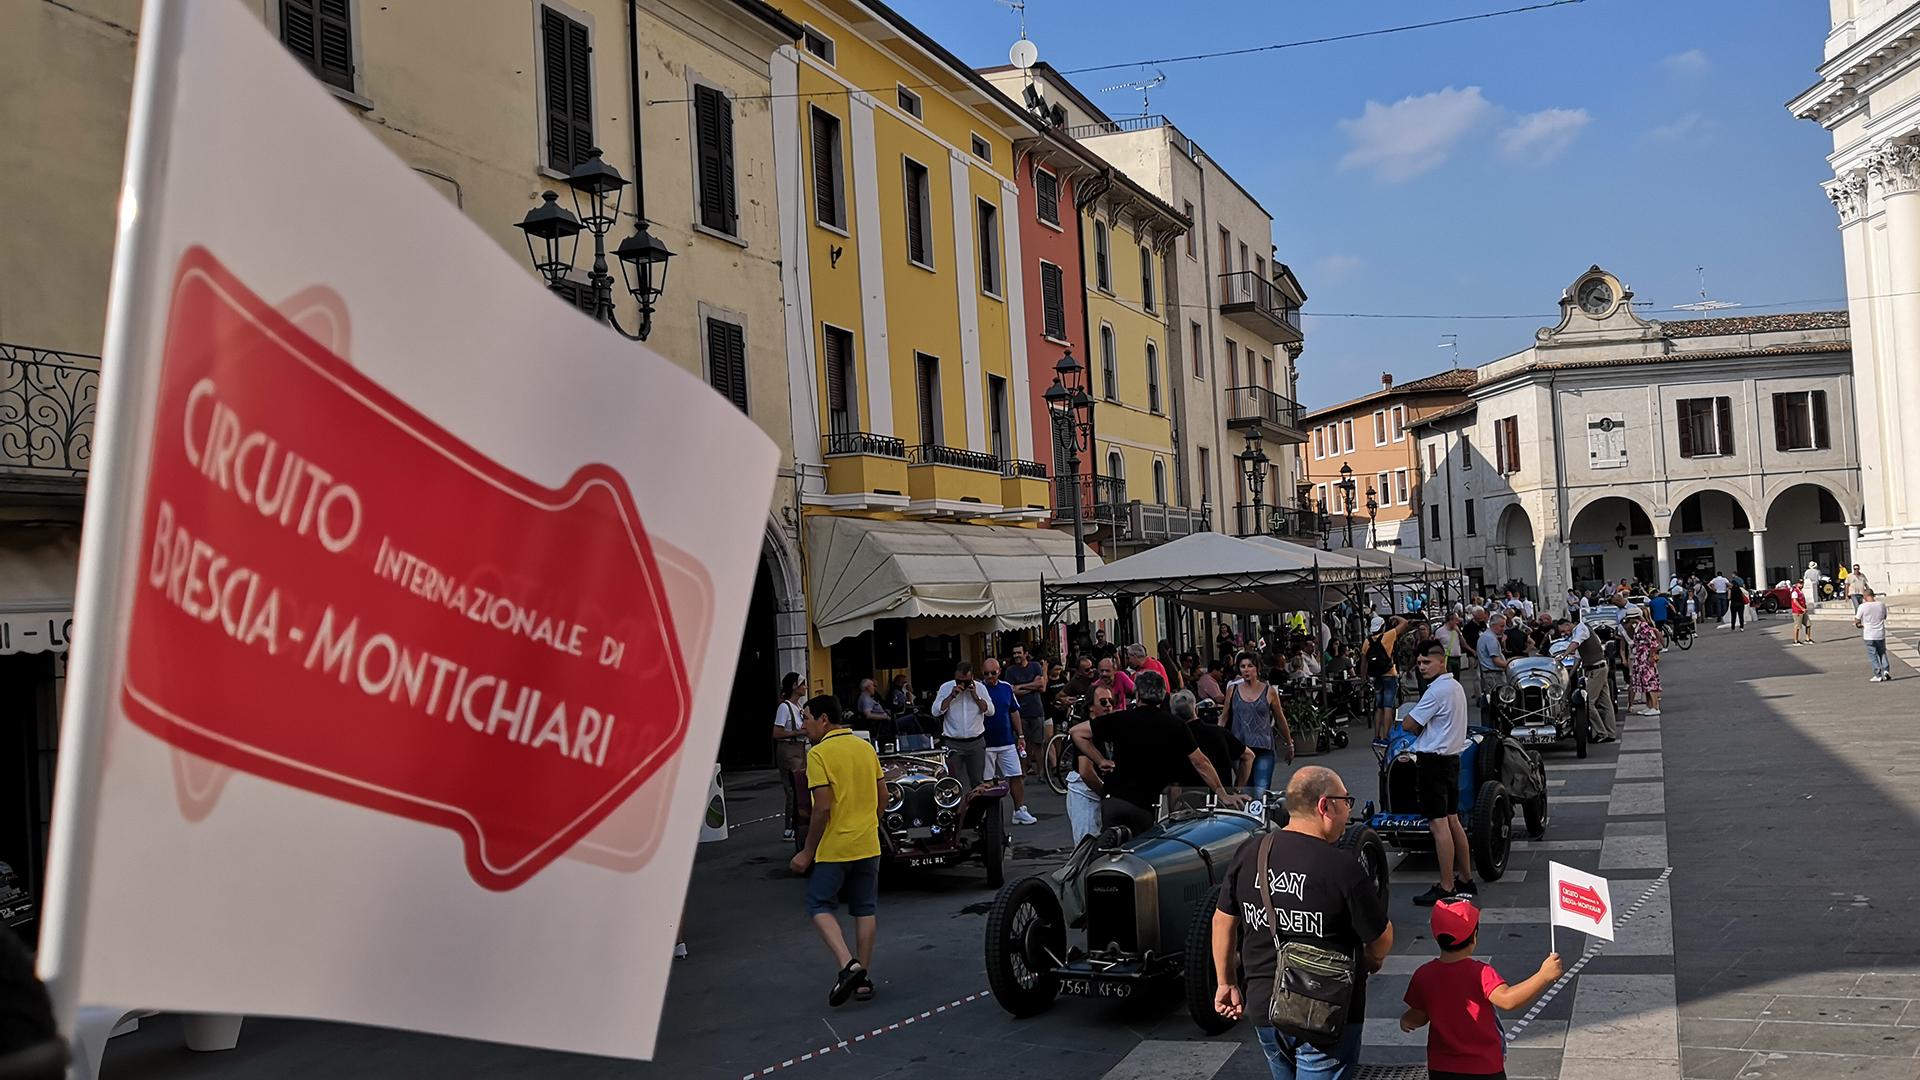 brescia-montichiari-2019